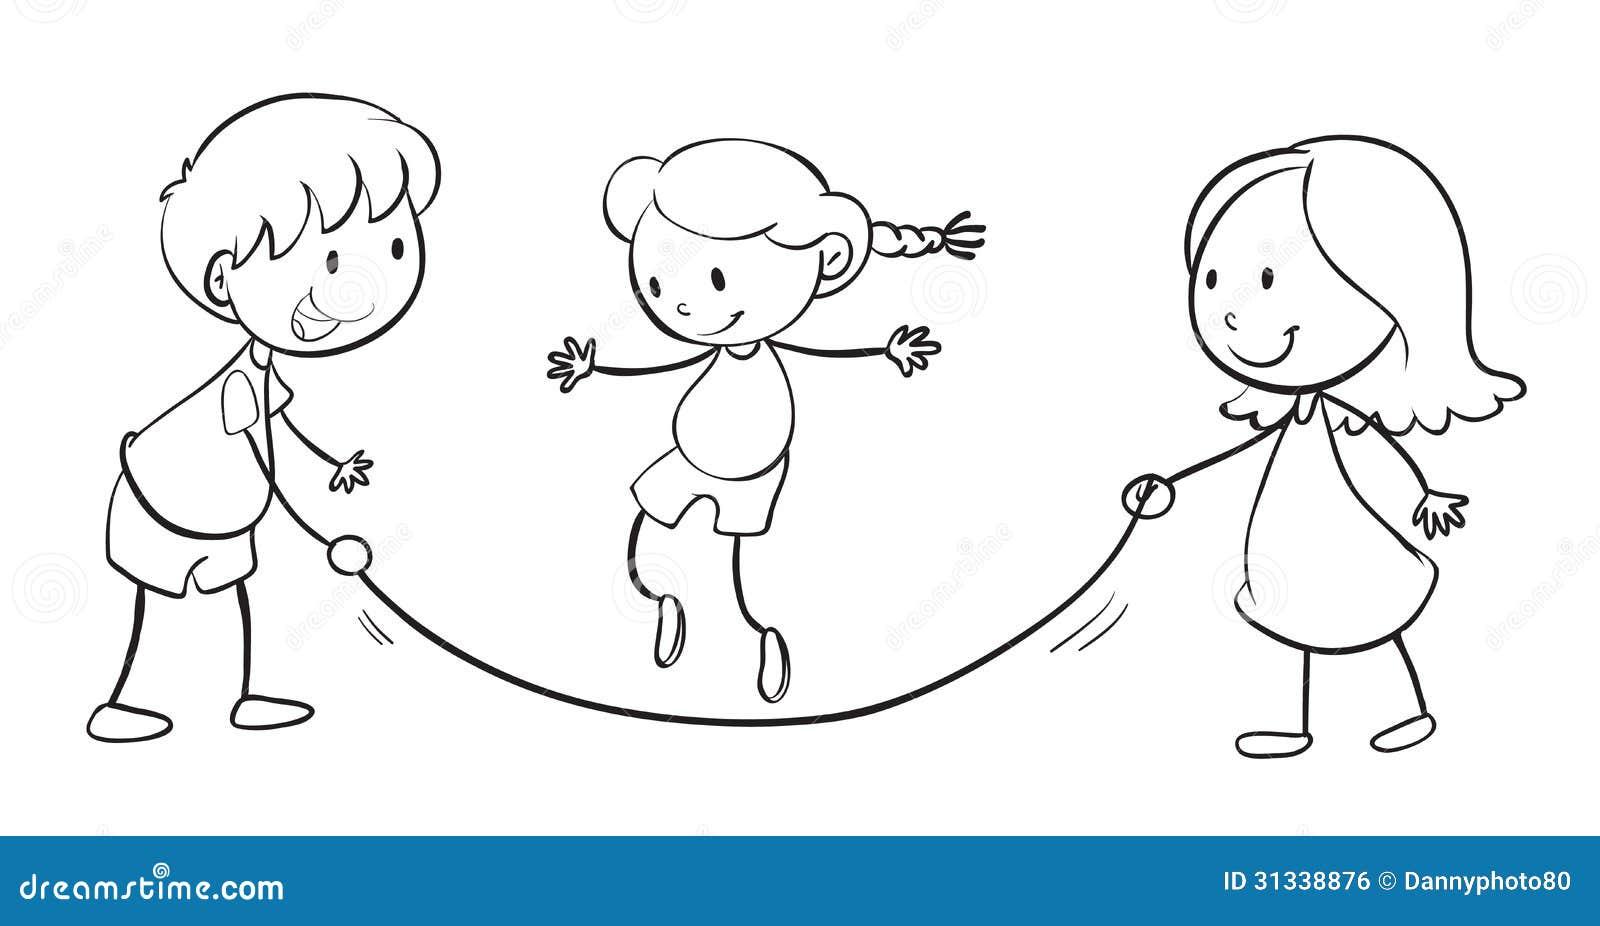 background illustration kids - Sketch Images For Kids